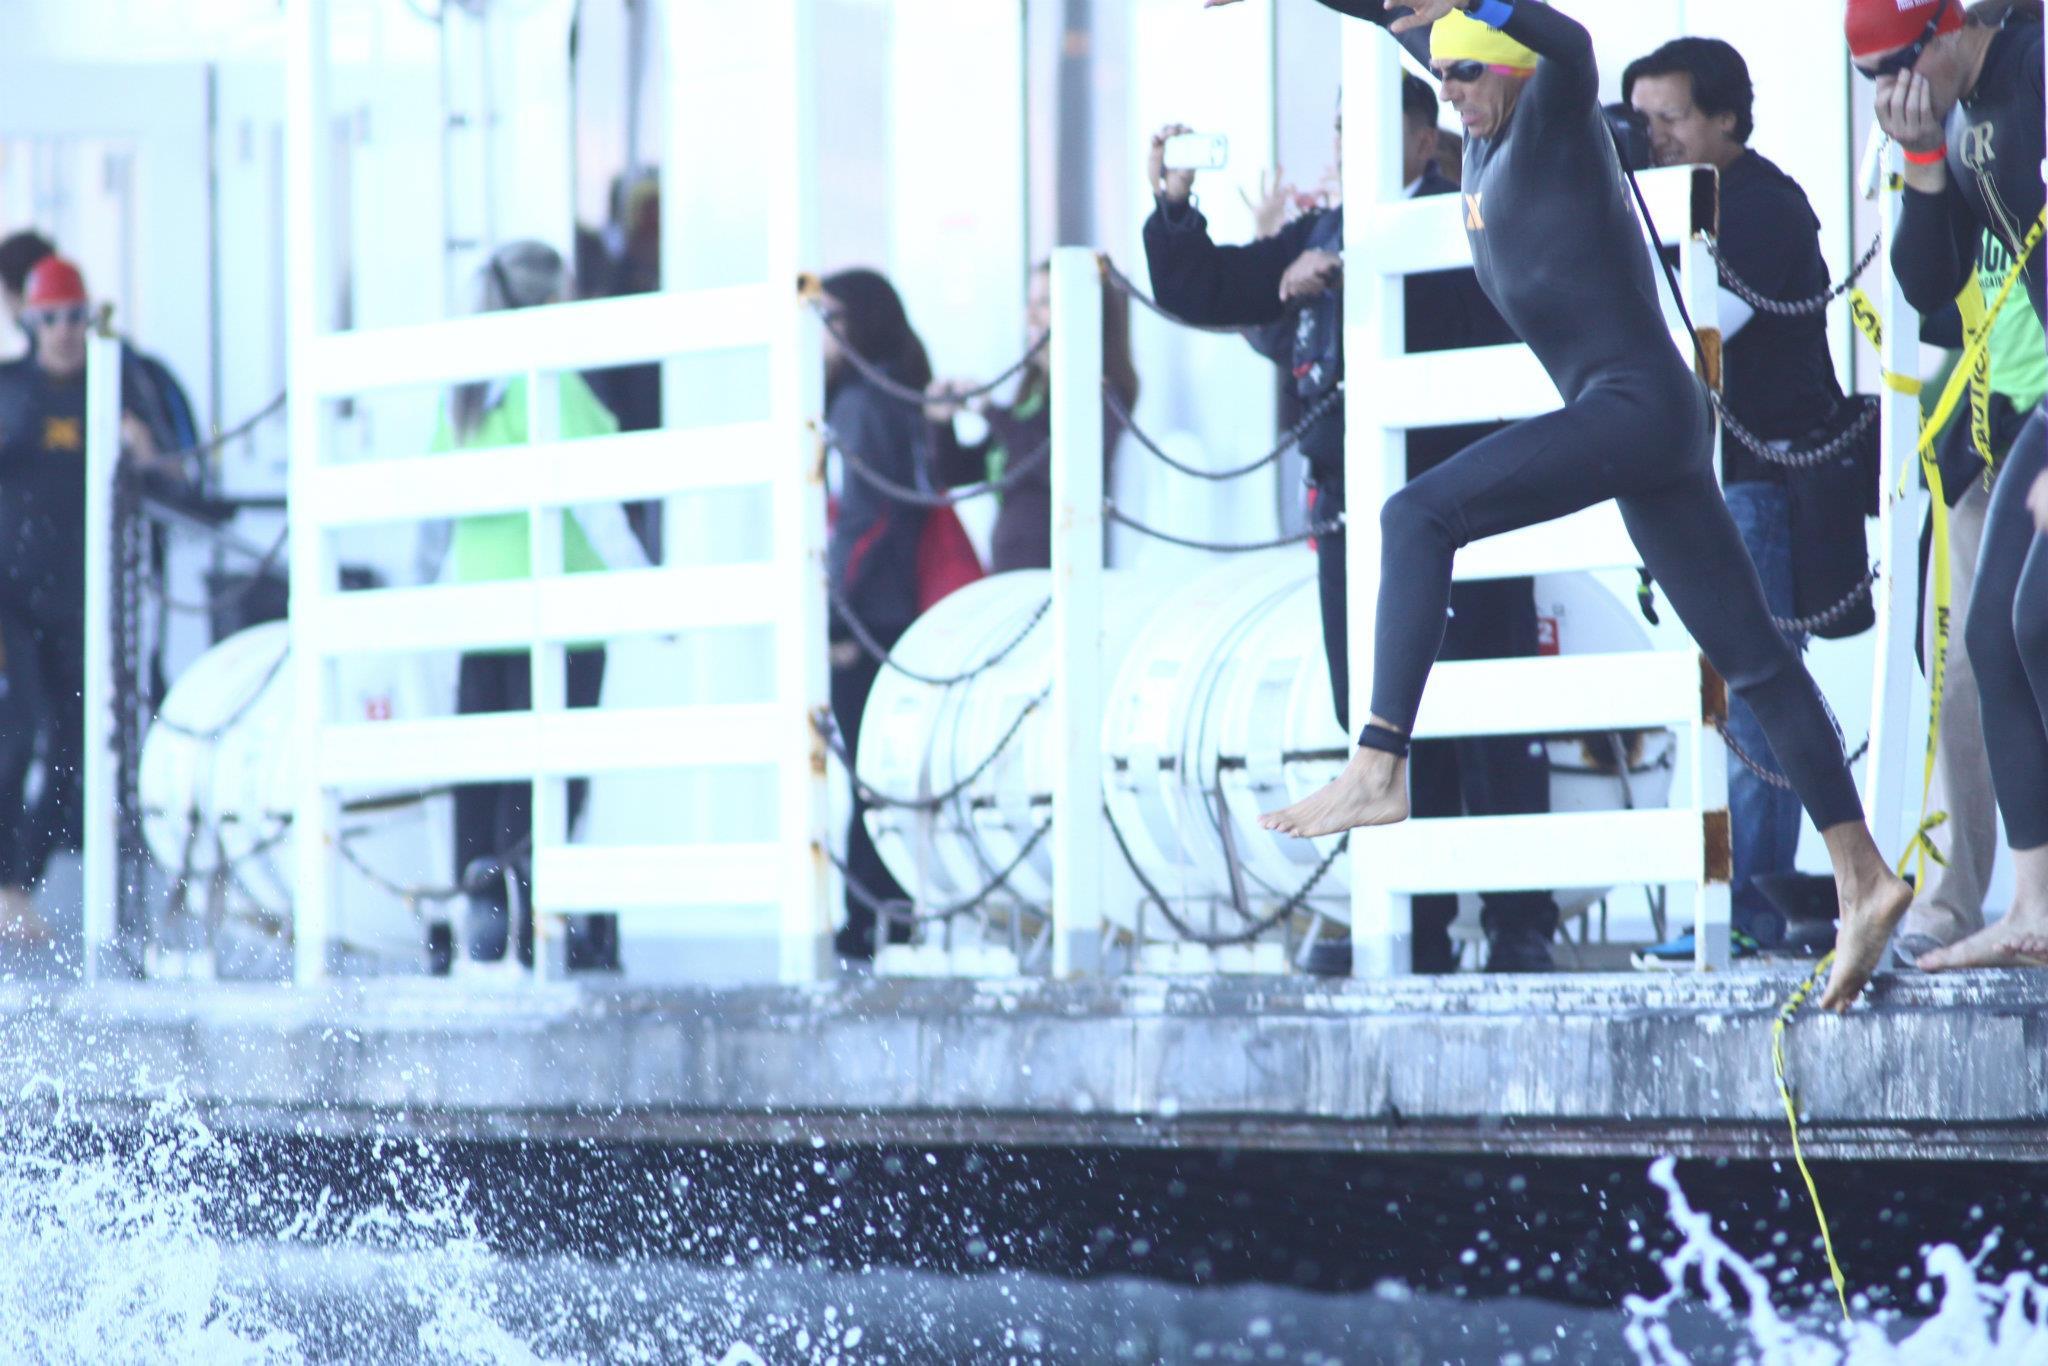 fit-Efren-Swim-Escape-Alcatraz-Triathlon-2012 : Modestoview